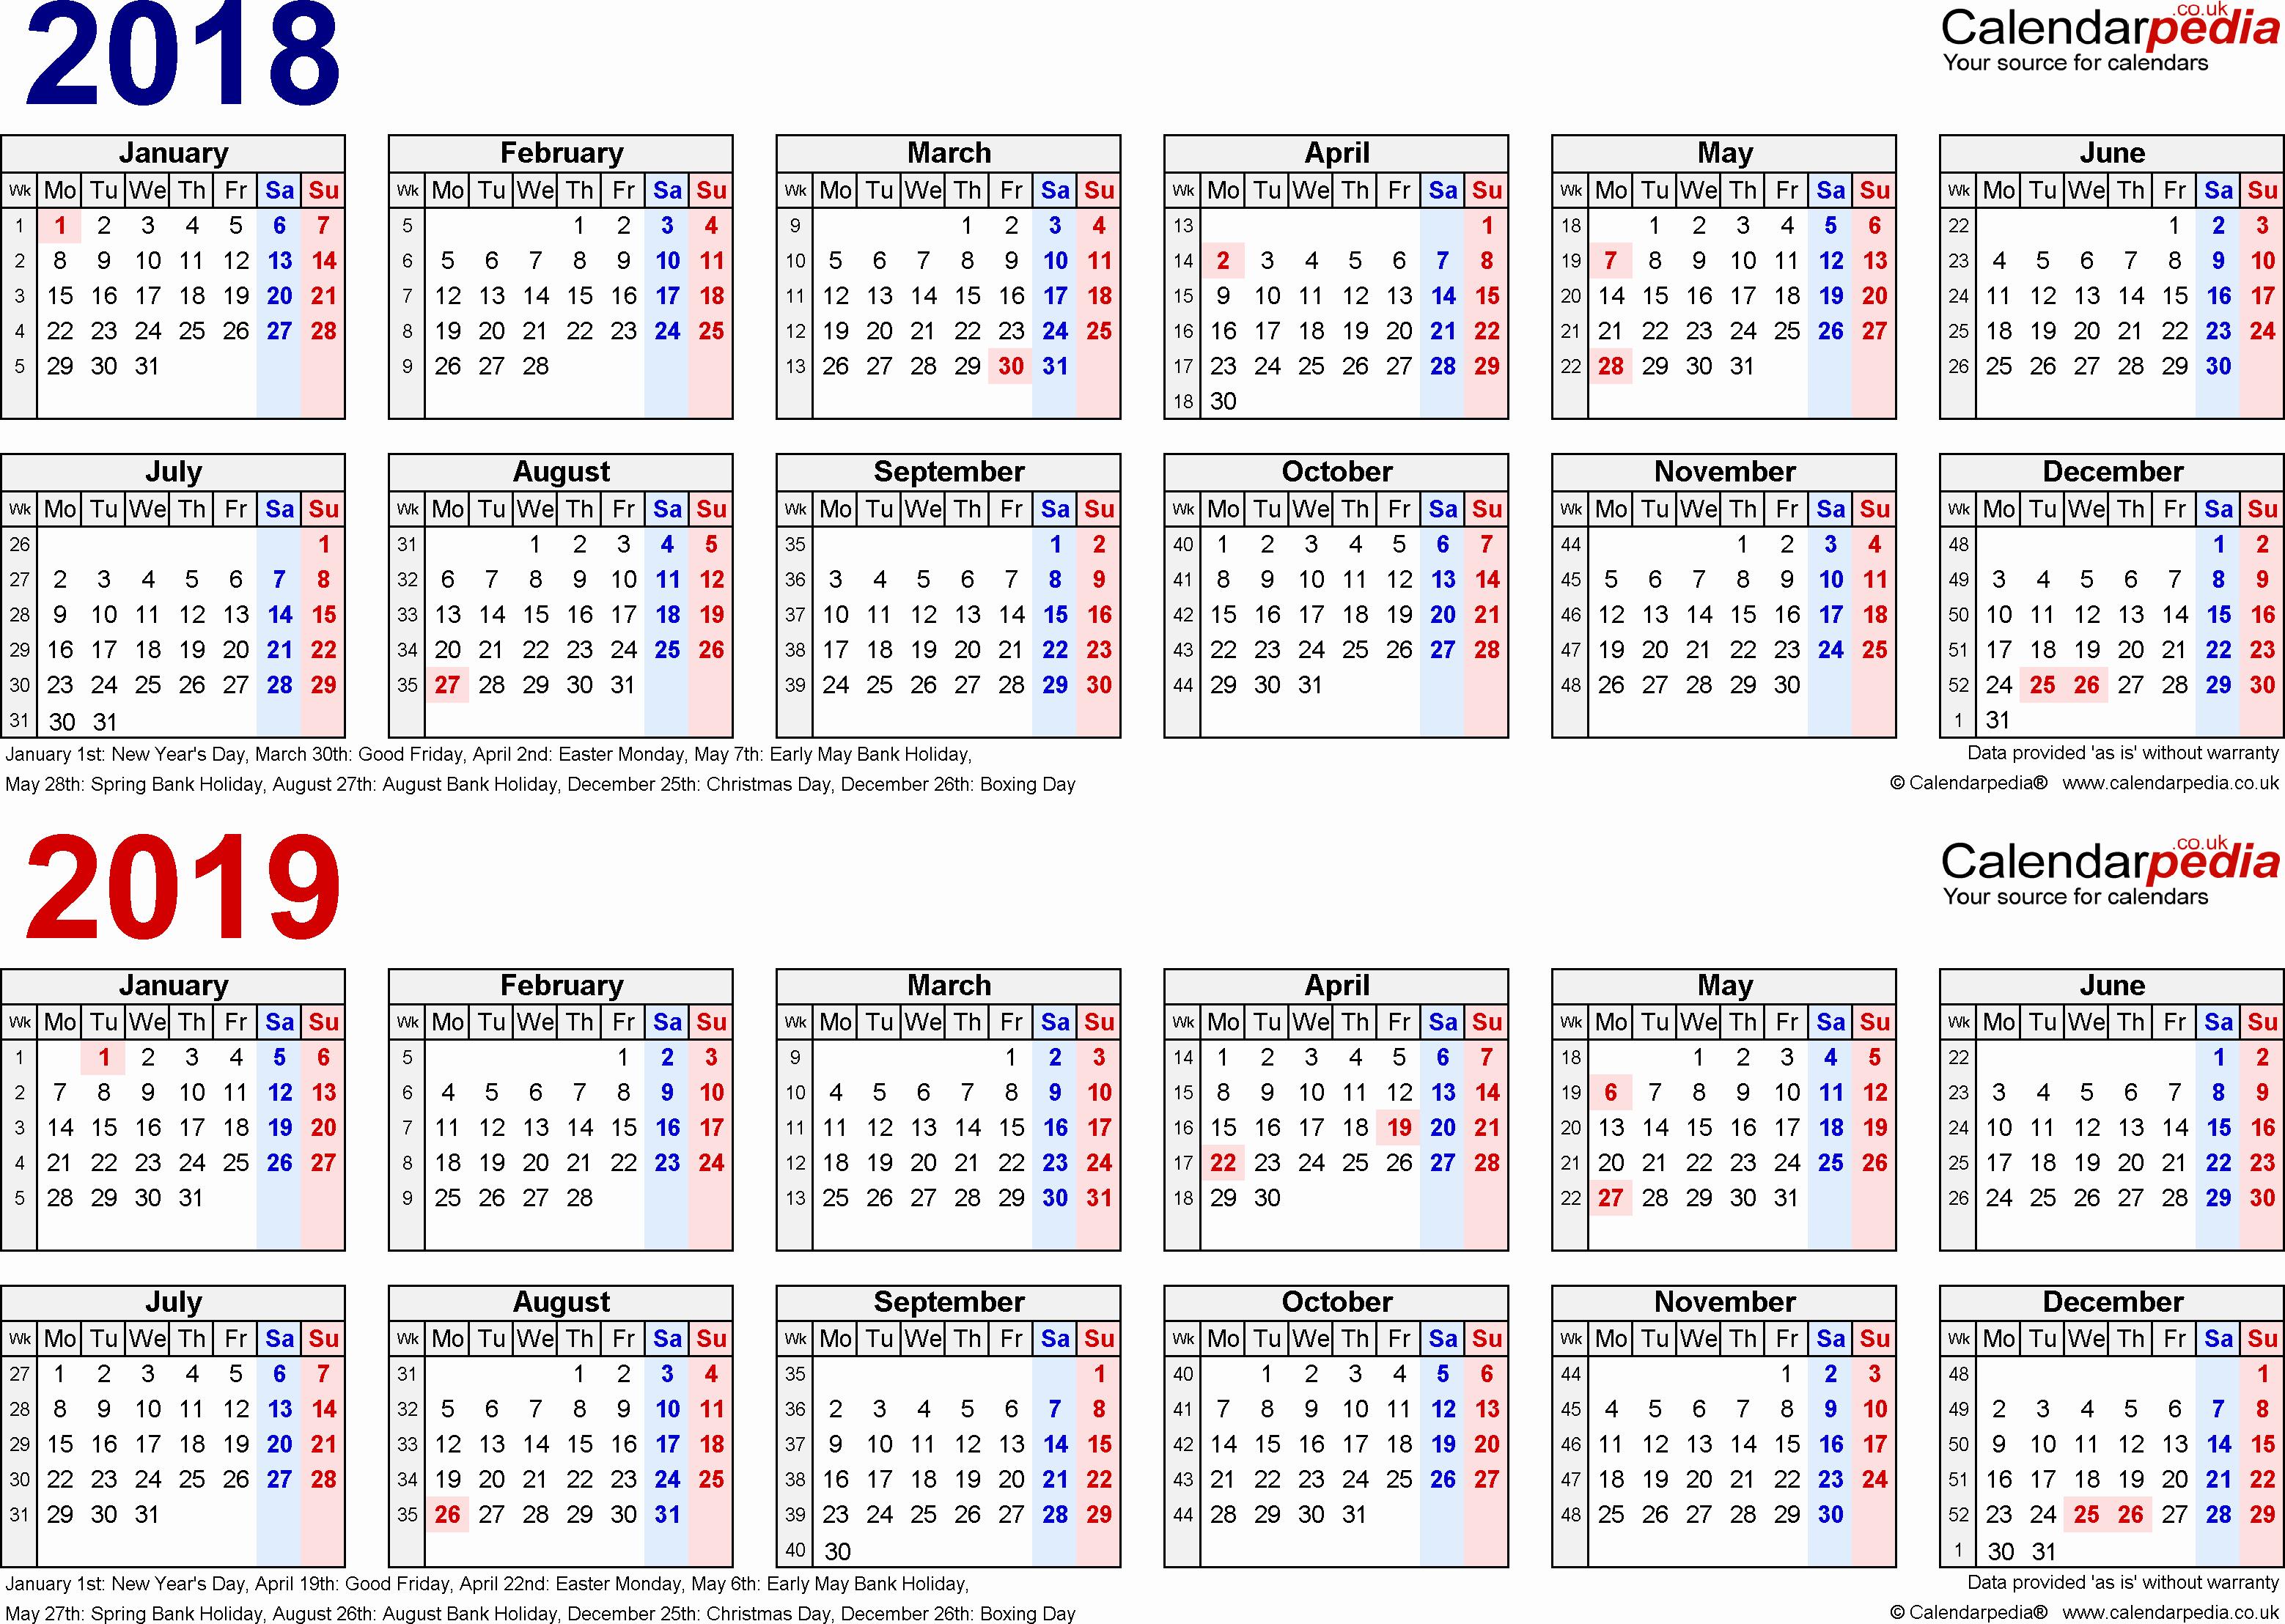 Календарь 2019 И 2020 Года Скачать - Bagno.site